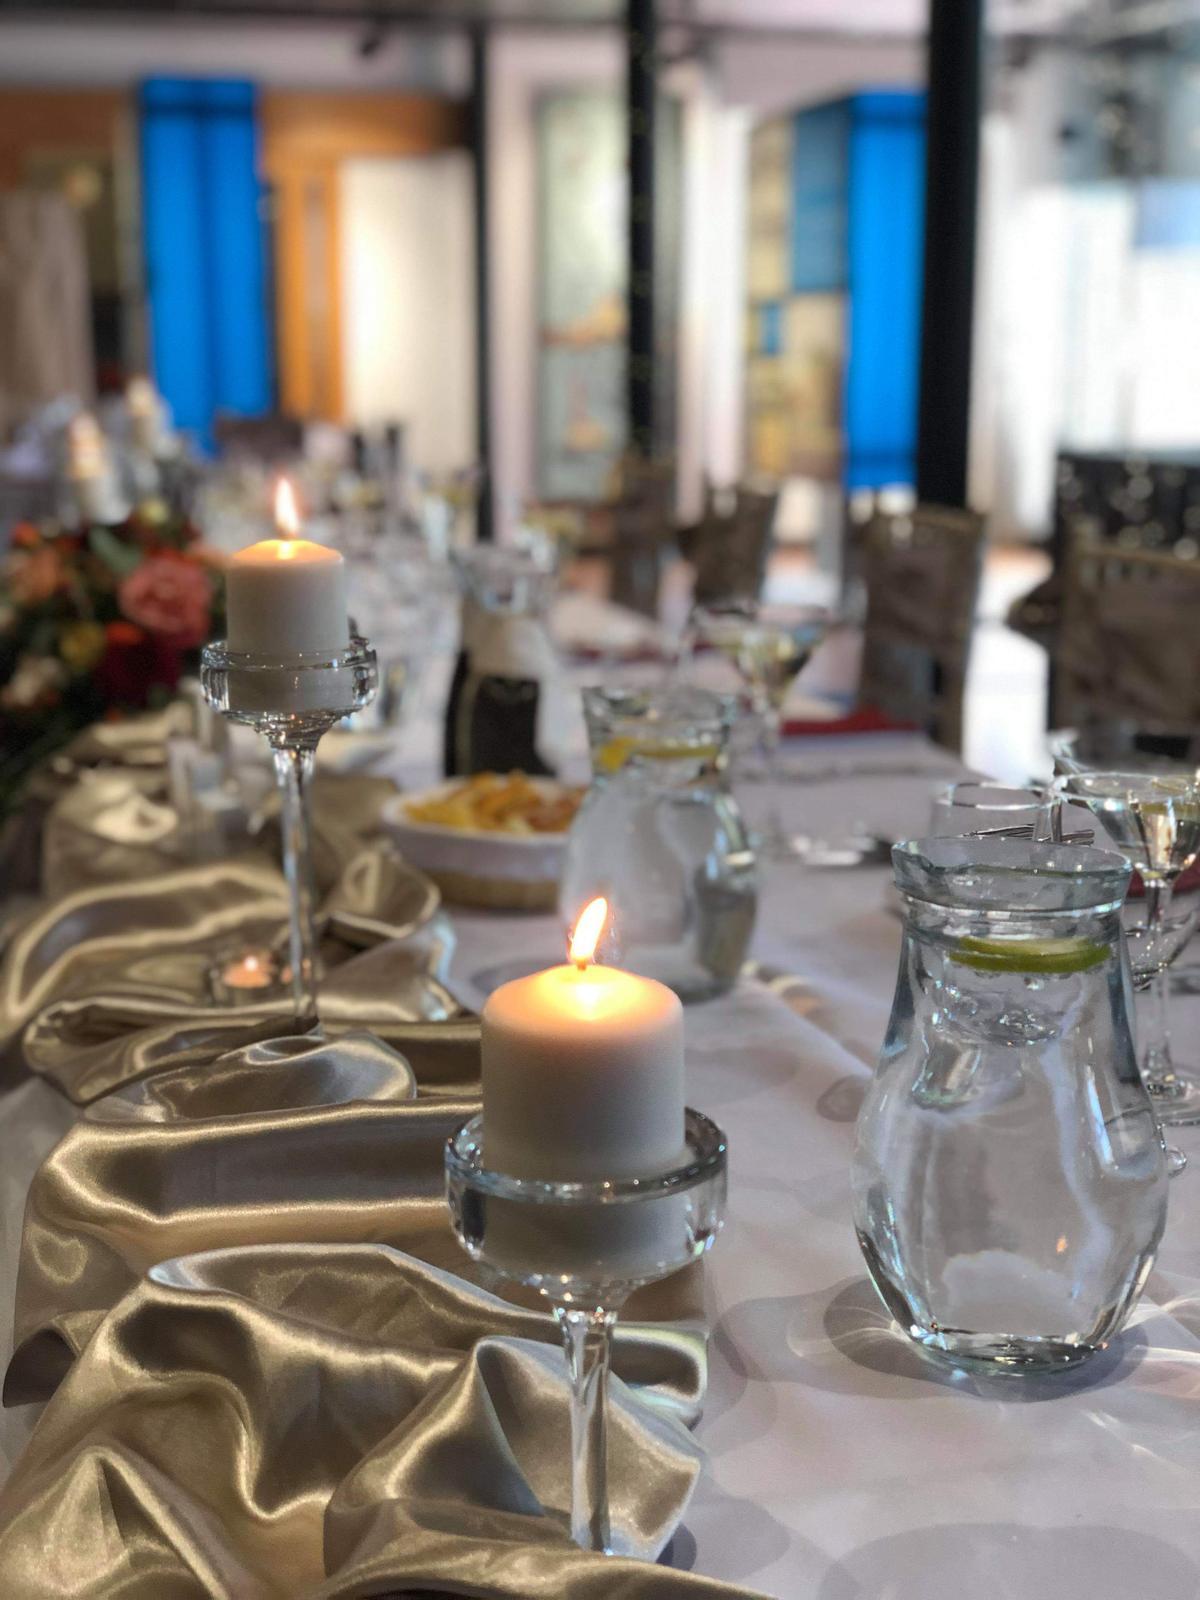 maranello_ristorante - Obrázok č. 4